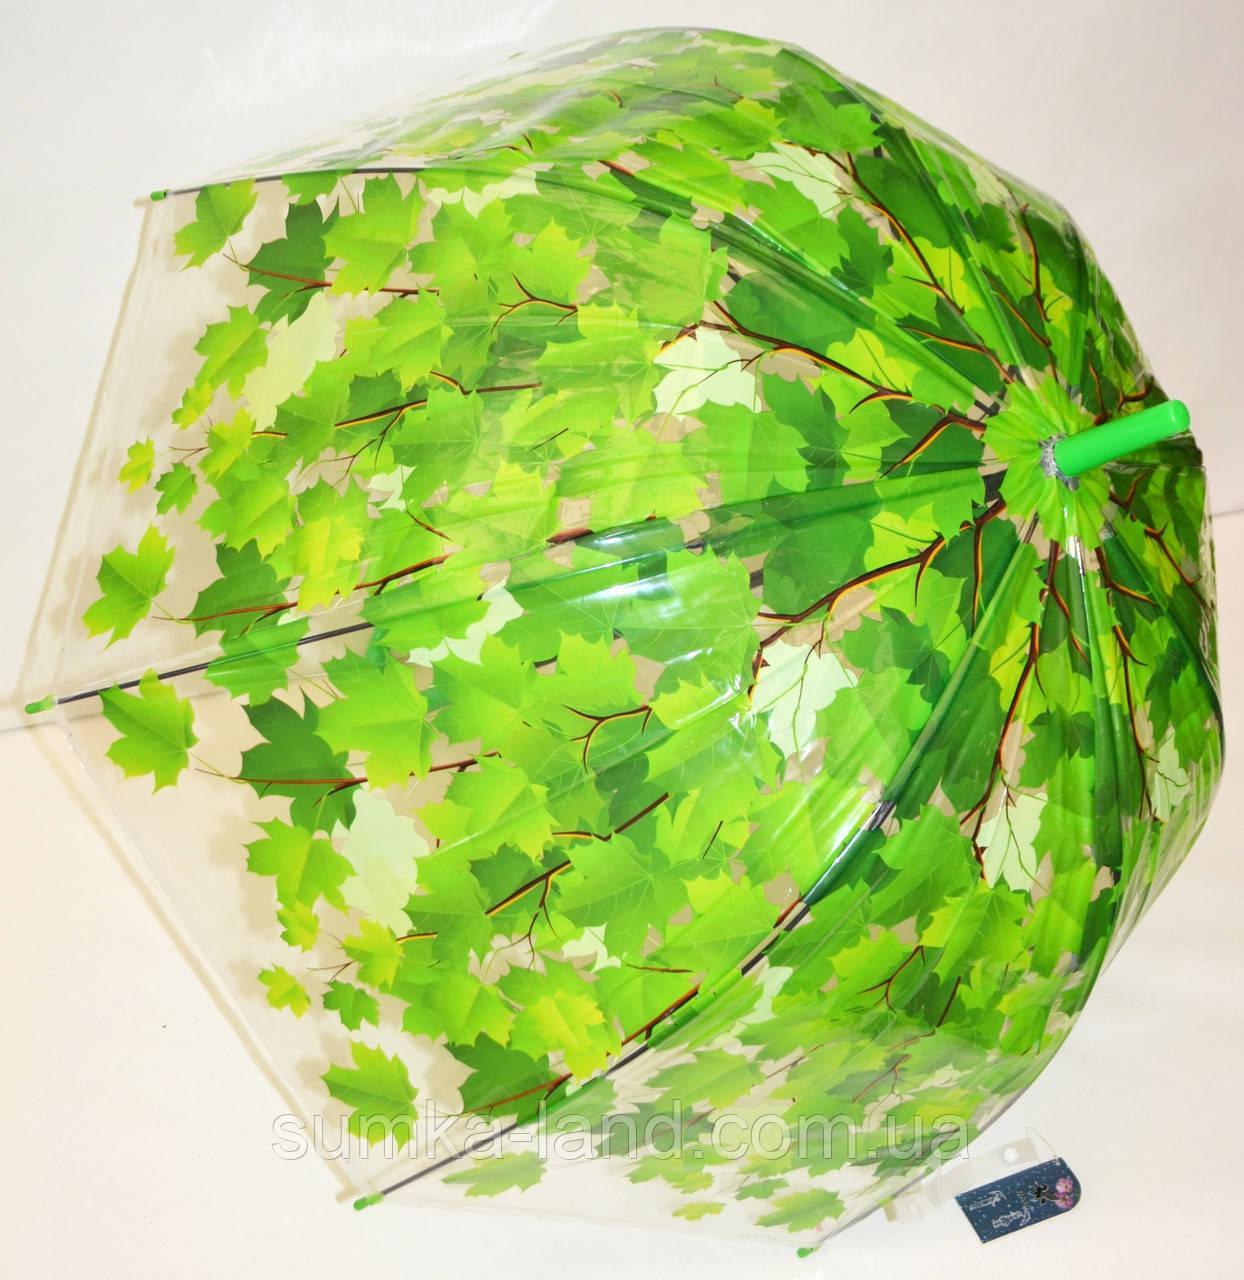 Детский силиконовый зонт-трость фирмы Fiaba на 8 спиц, прозрачный с салатовыми листьями